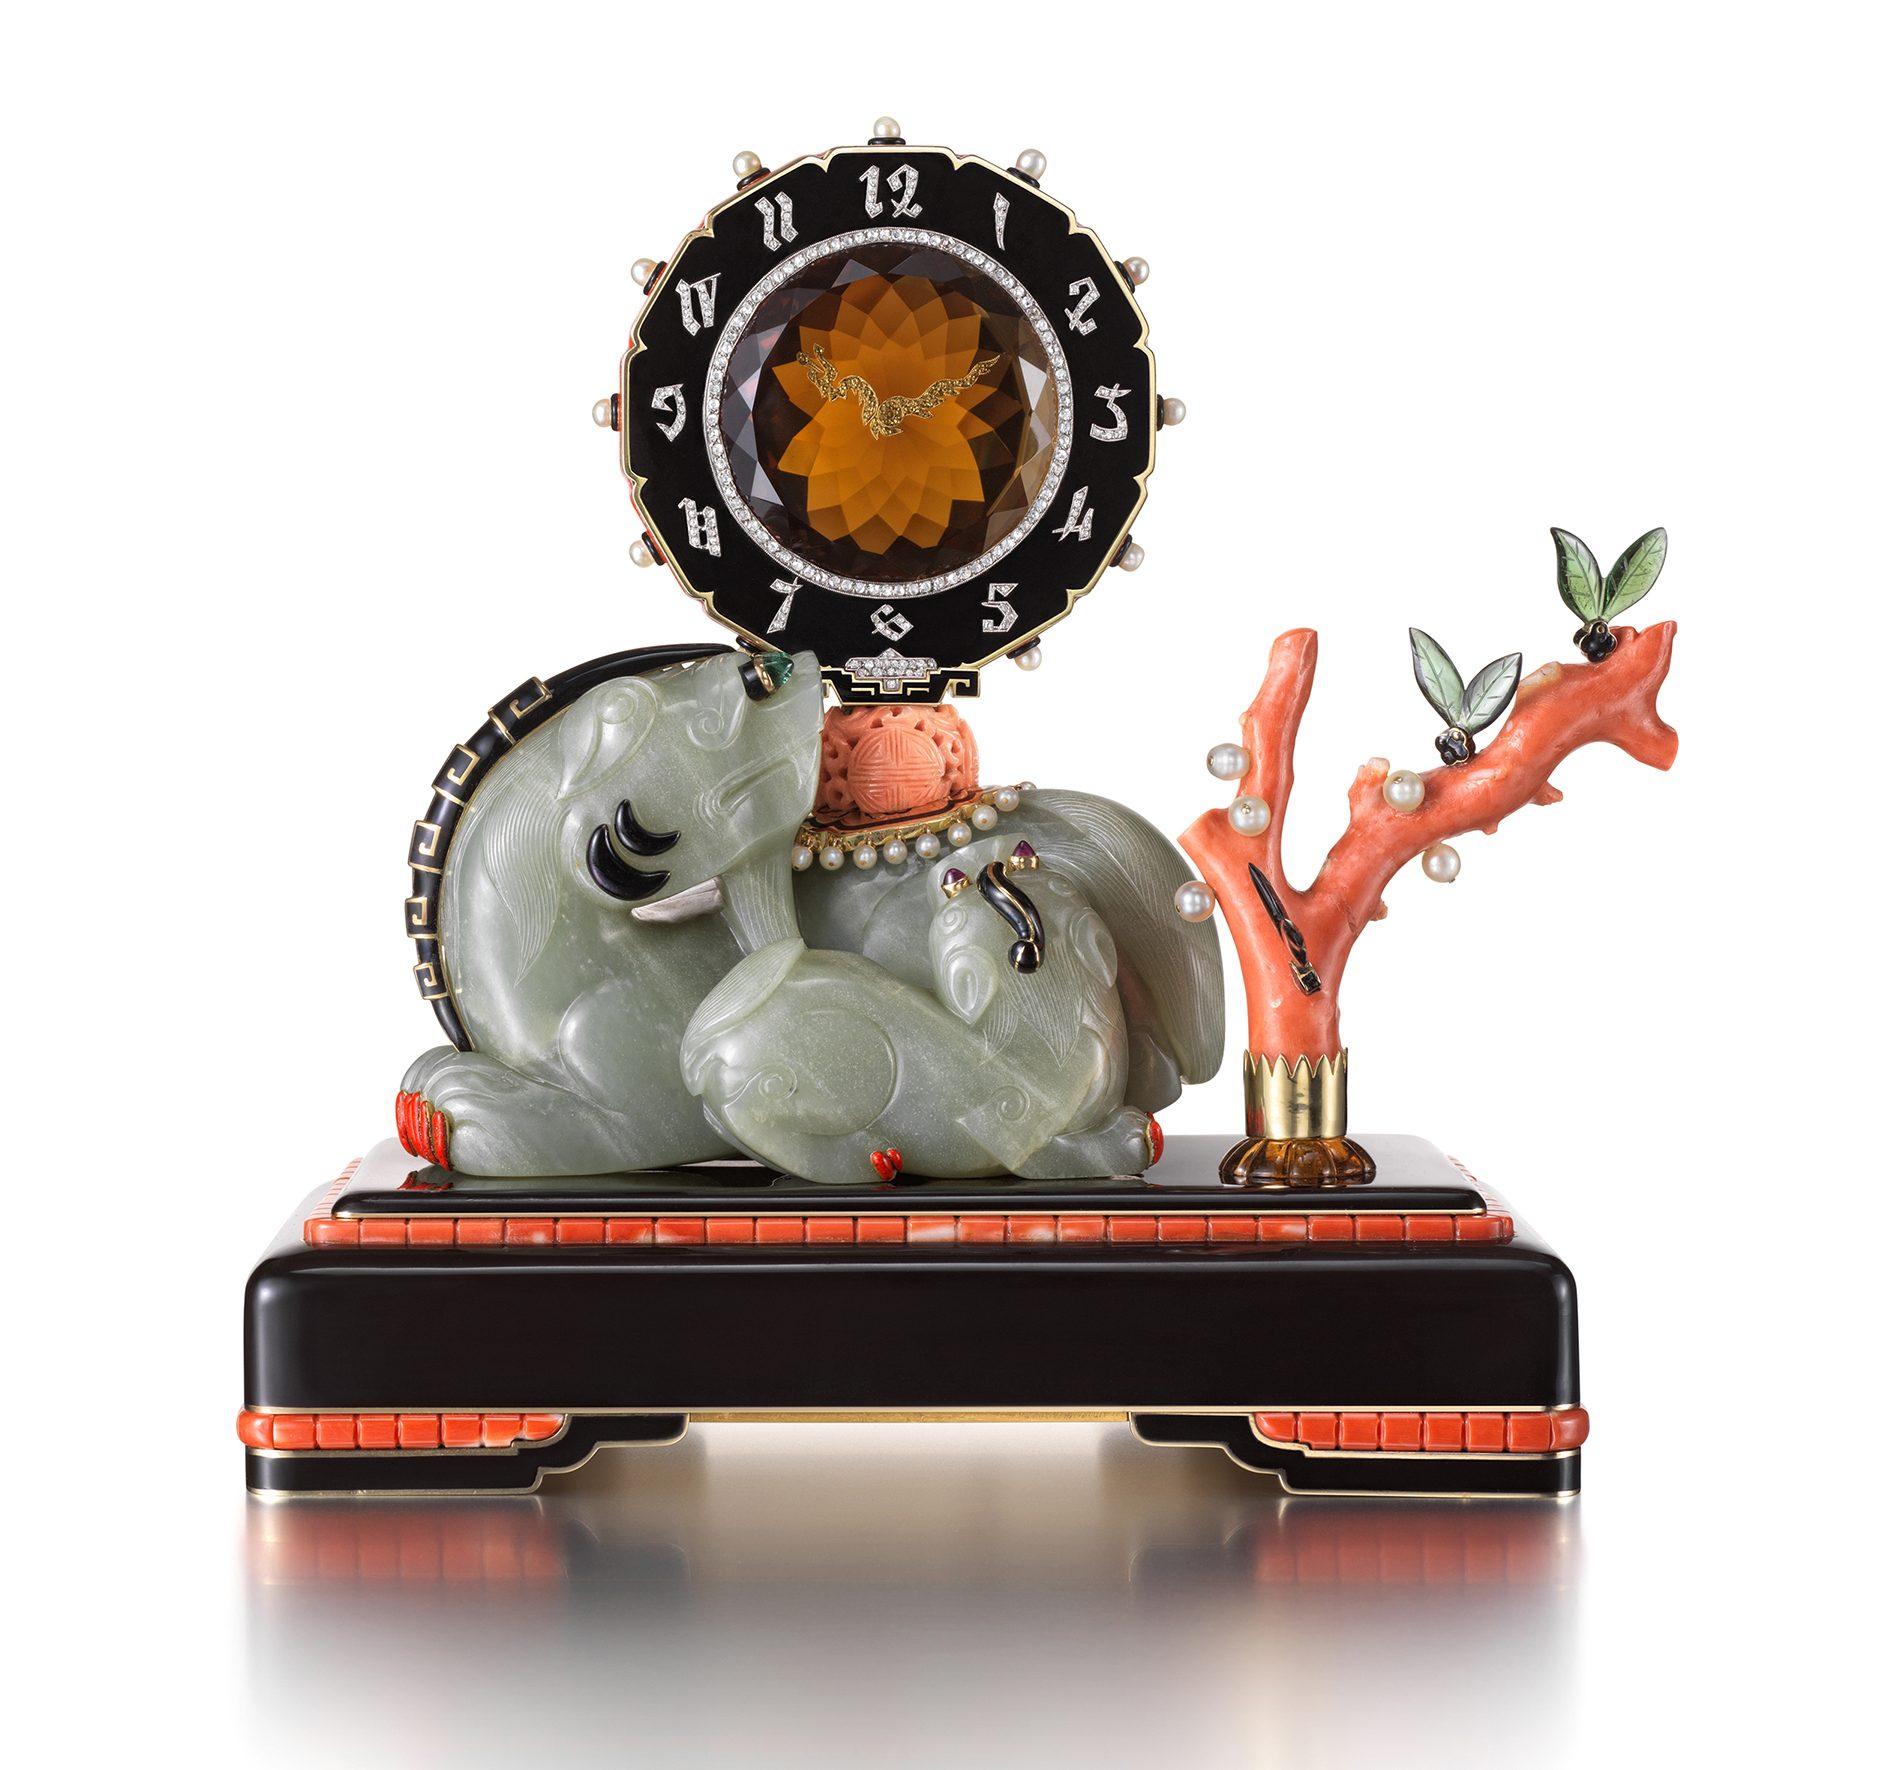 Maurice Couet voor Cartier, uurwerk, 1929. Ost trifft West, Aga Khan Collection, 2018, koraal, stenen, metaal